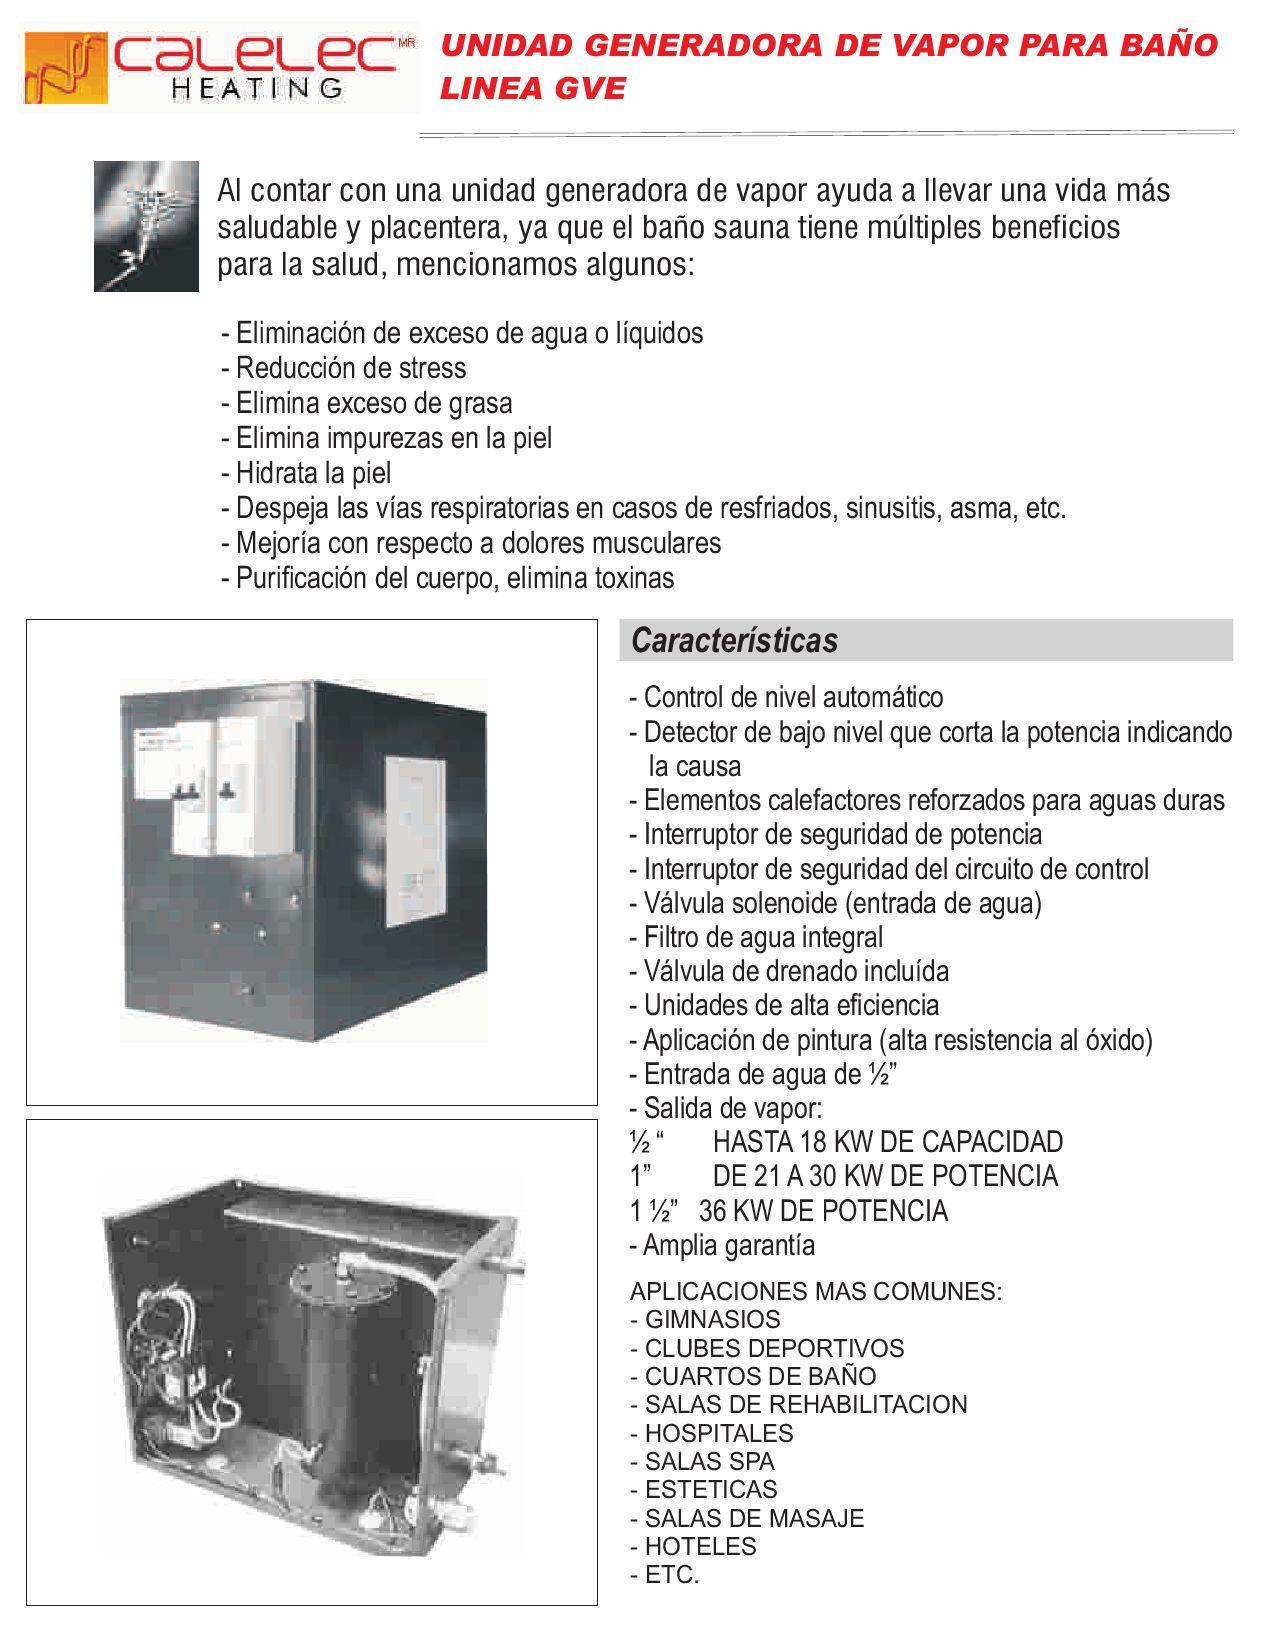 Unidad generadora de vapor el ctrica para ba o linea gve by calelec heating issuu - Beneficios del bano de vapor ...